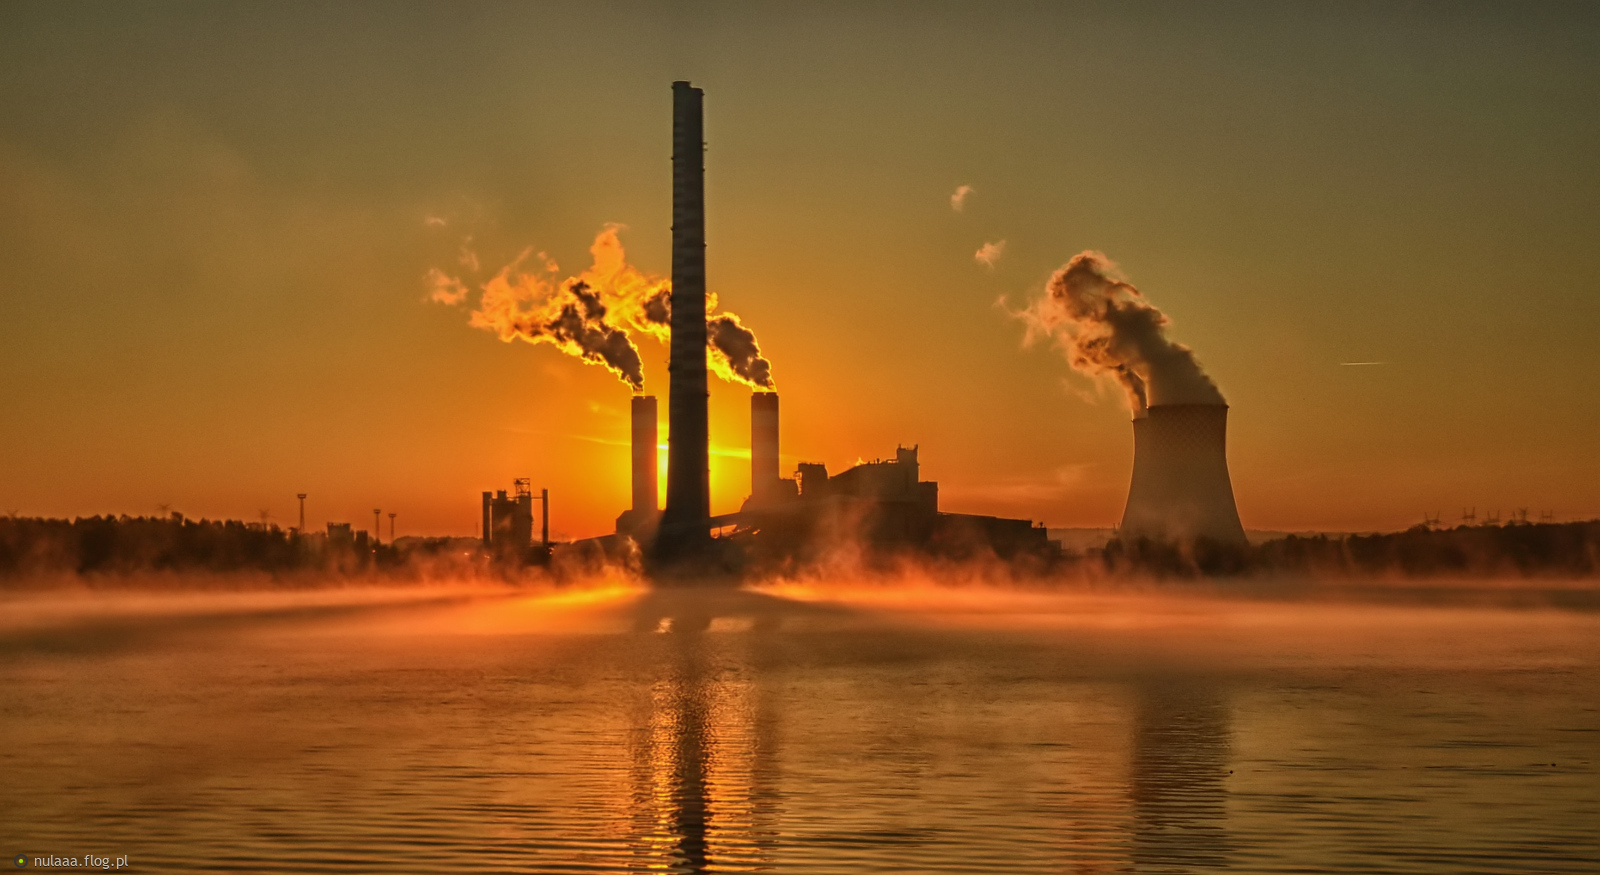 W podziękowaniu za miłą dedykację:) Dużo radości na dzisiaj:))) Wschód industrialny:)))